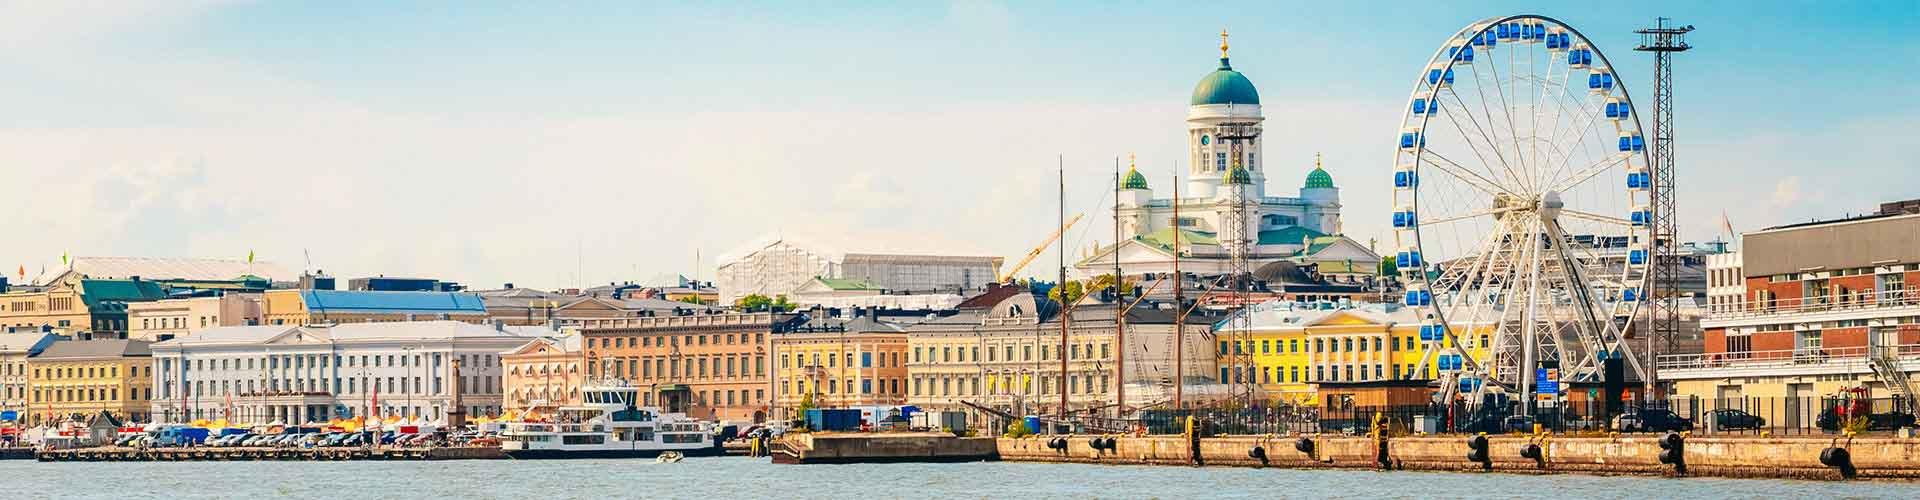 Helsinki - Hostele w mieście: Helsinki, Mapy: Helsinki, Zdjęcia i Recenzje dla każdego hostelu w mieście Helsinki.